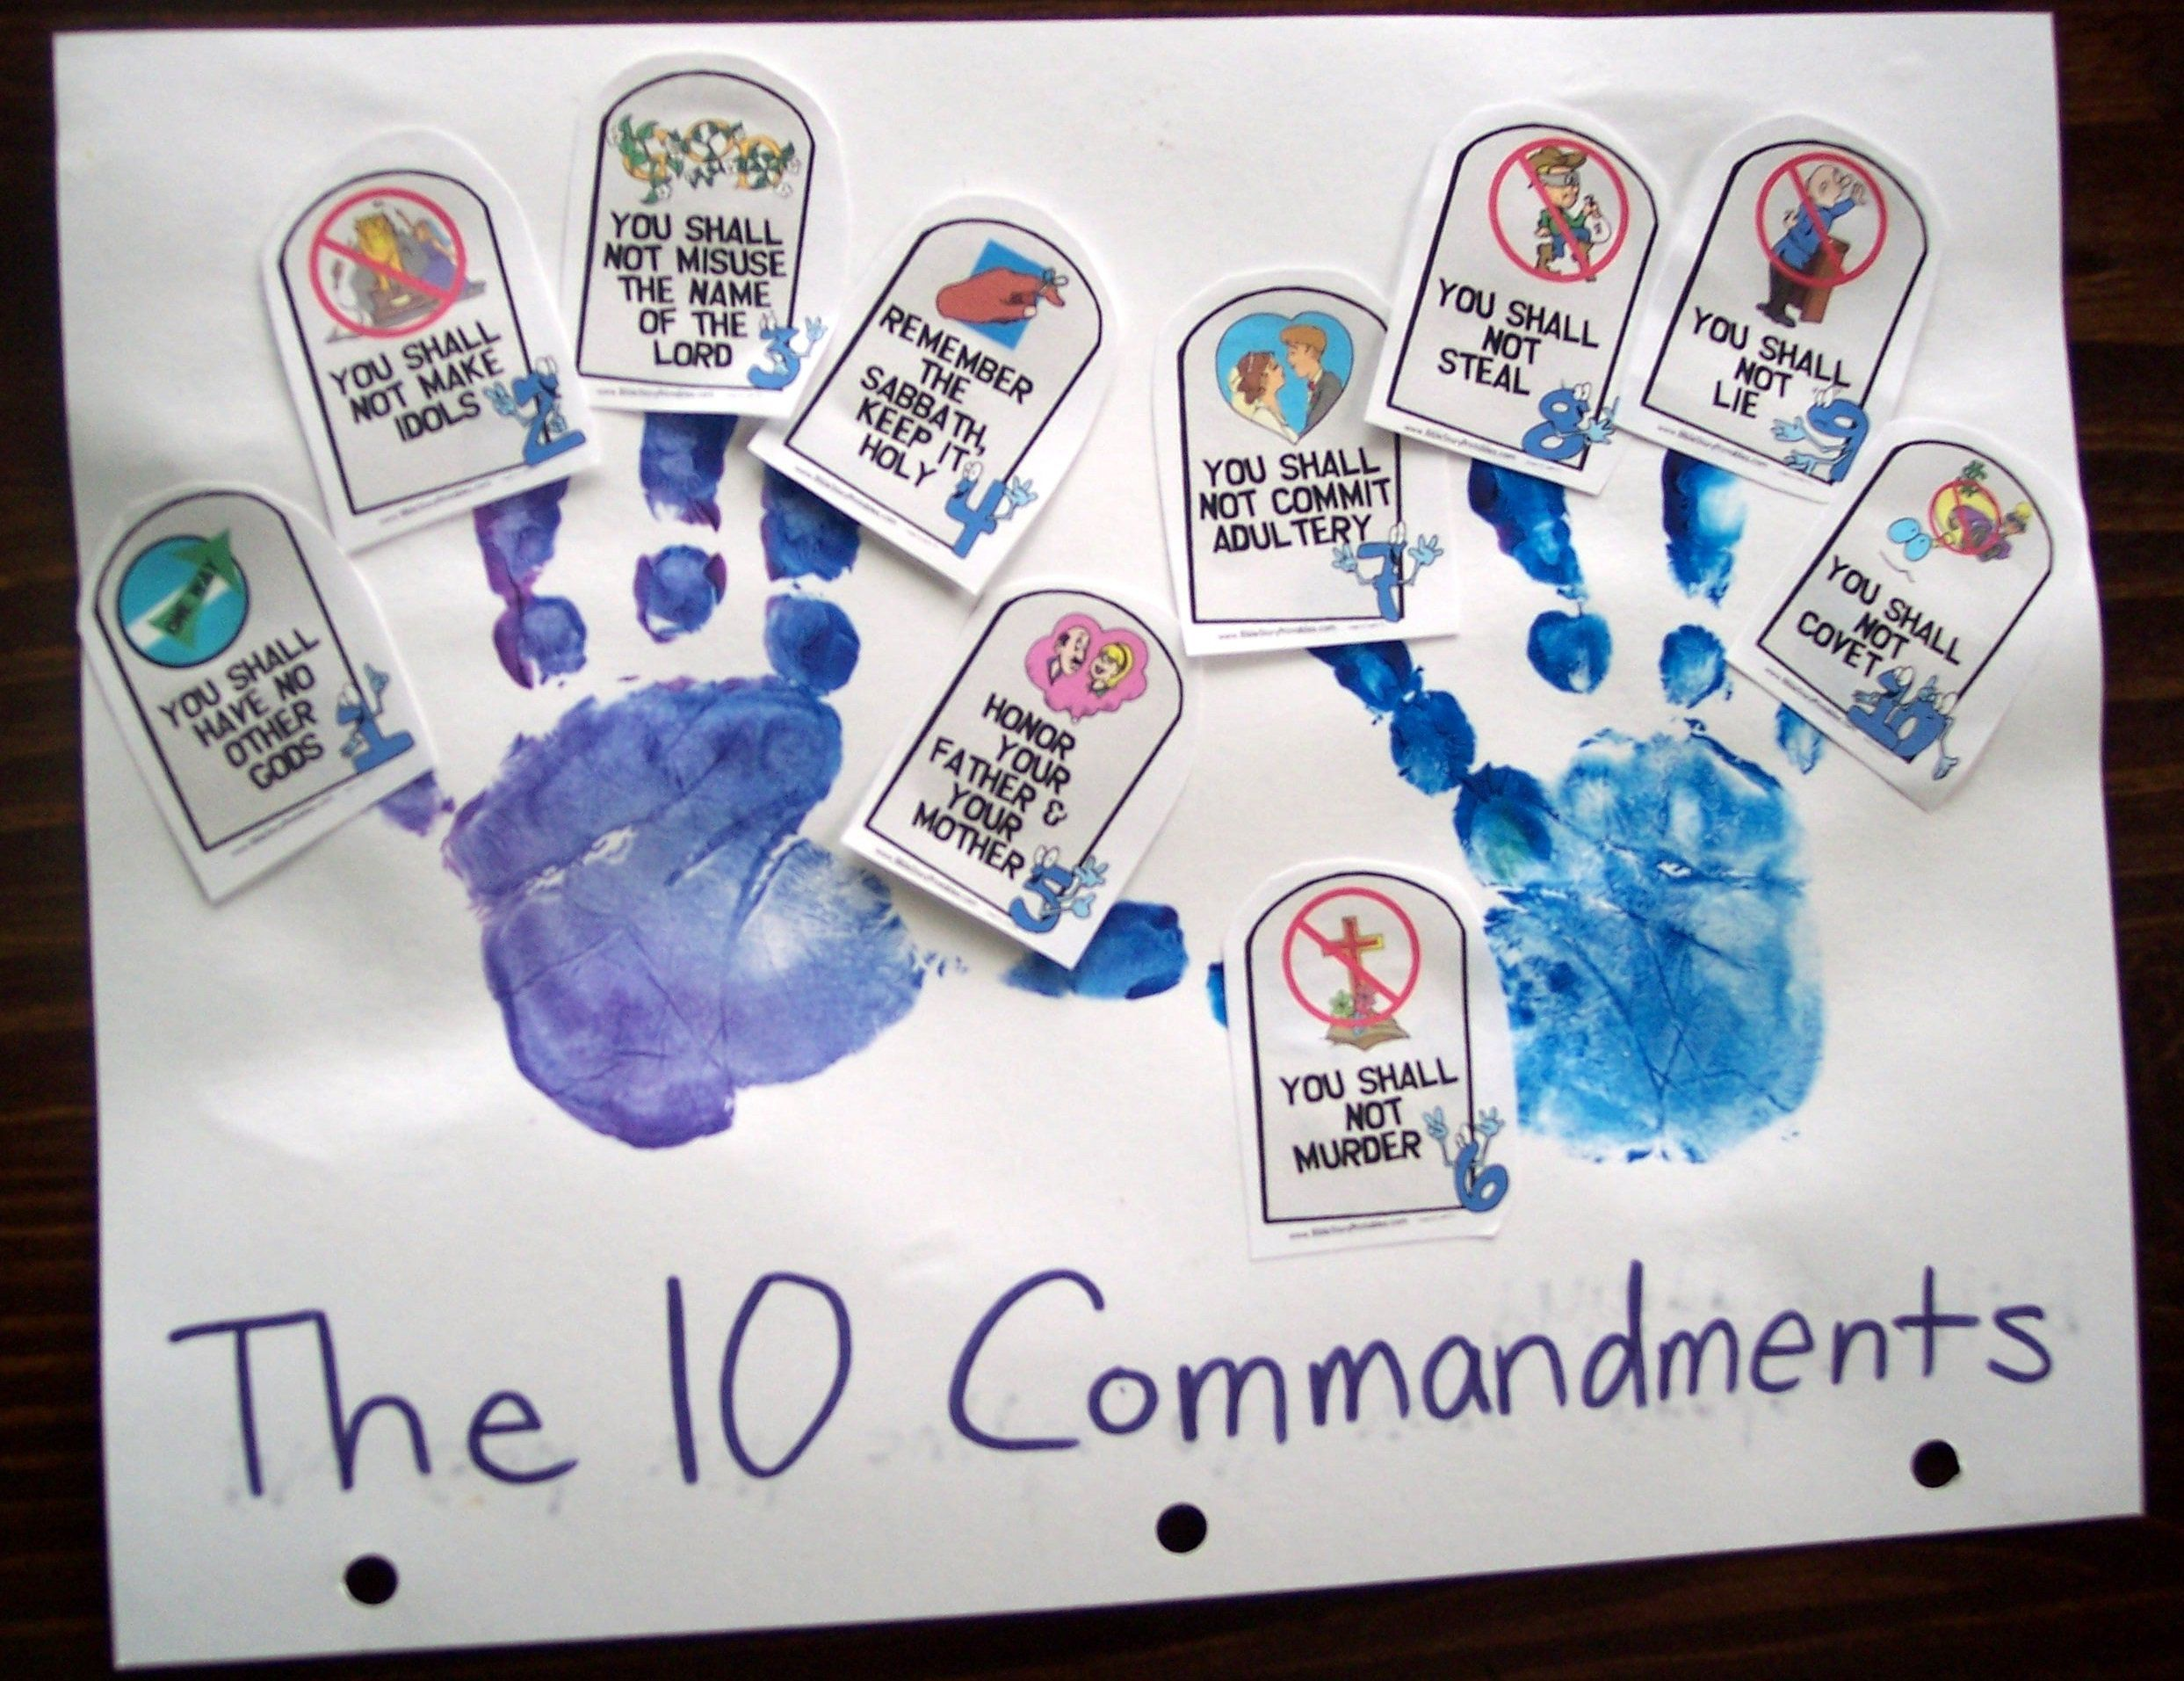 Если ваши дети захотят чтобы у них была дома кукла моисей, вы можете предложить им сделать ее своими руками.